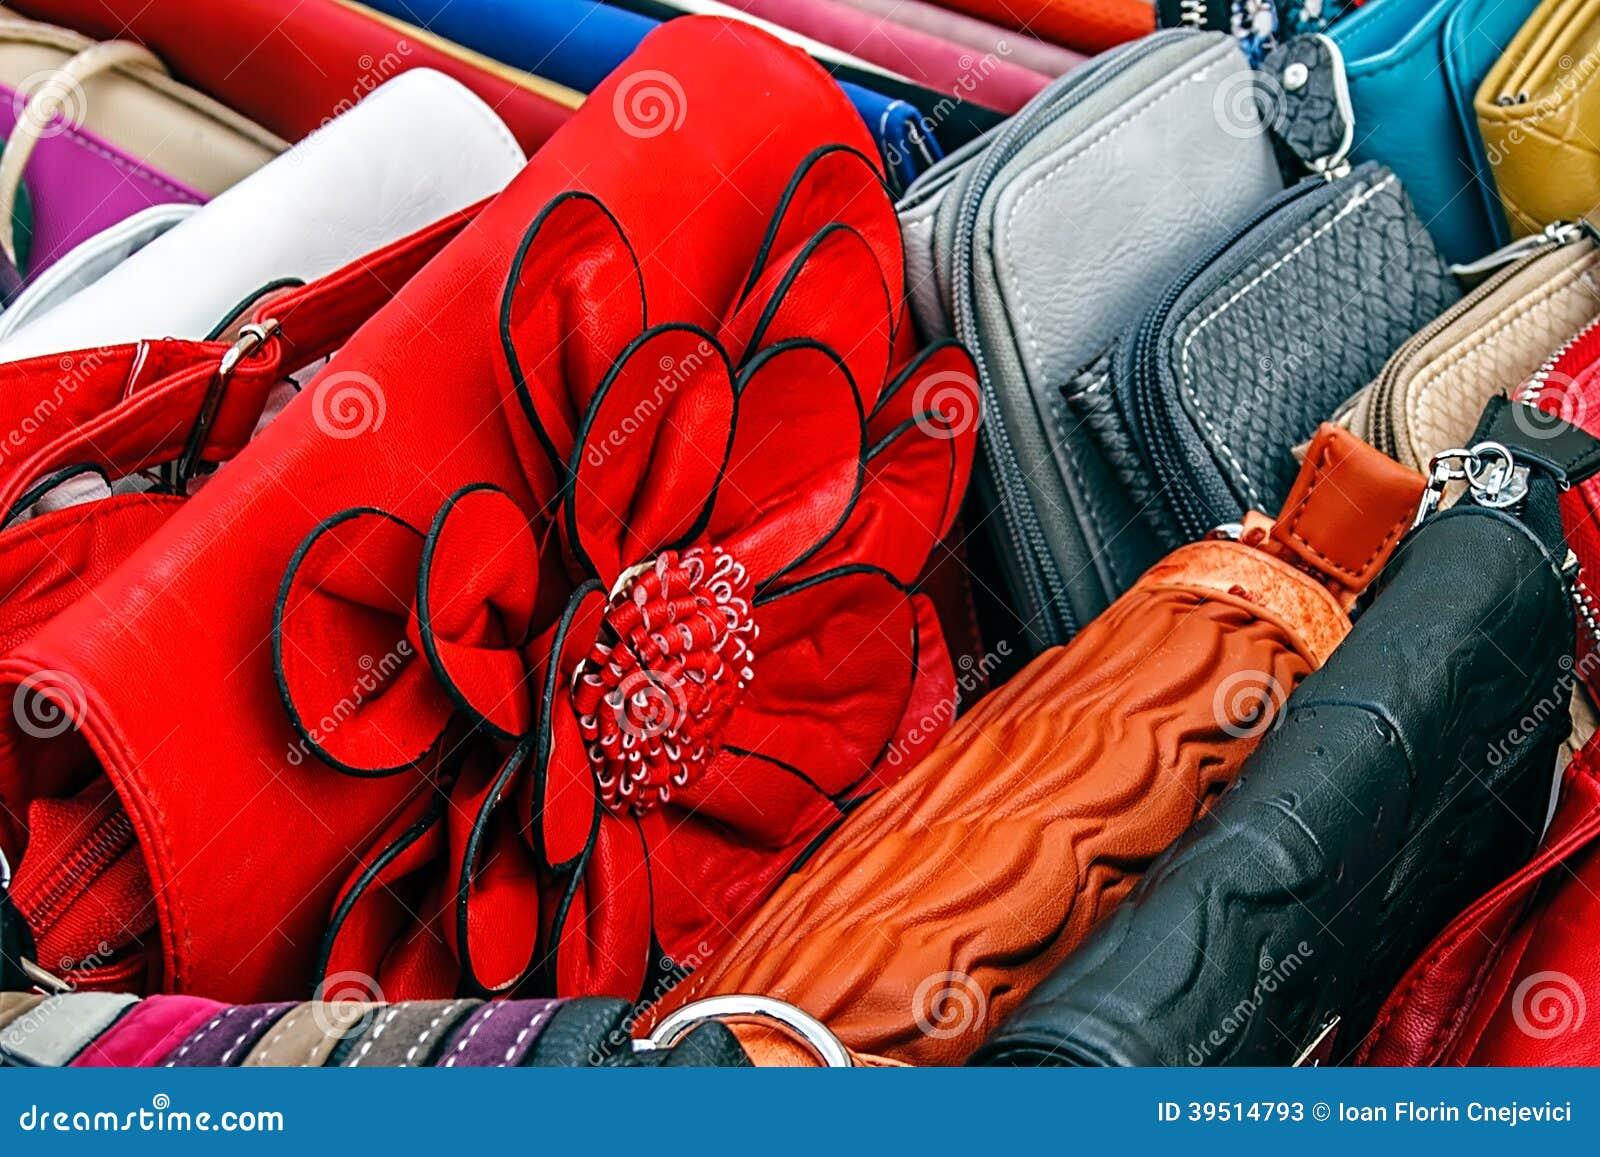 Colorful ladies purses